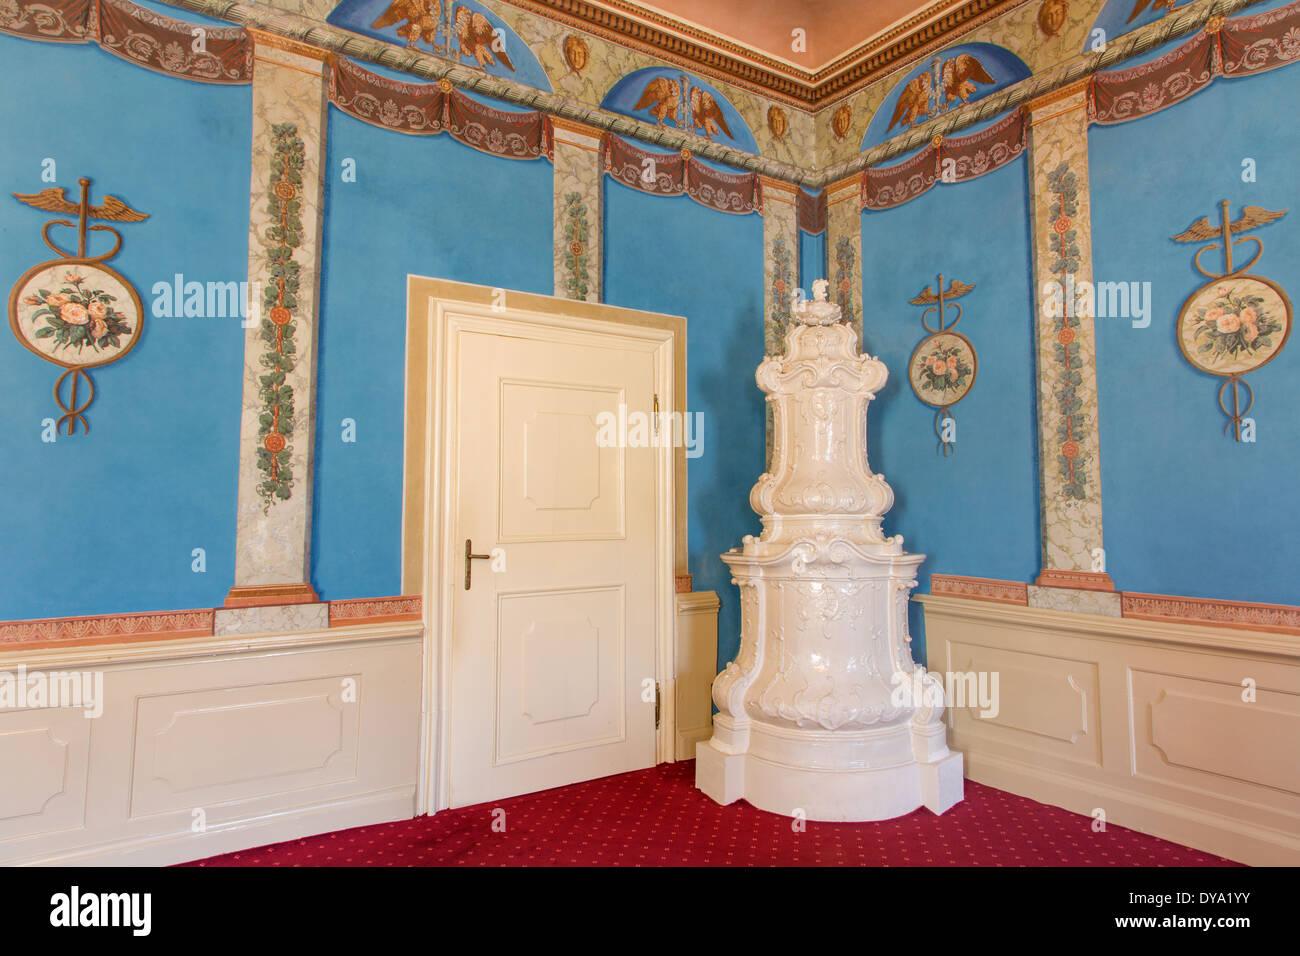 SAINT ANTON, SLOVAKIA - FEBRUARY 26, 2014: Music saloon in palace Saint Anton - stove - Stock Image